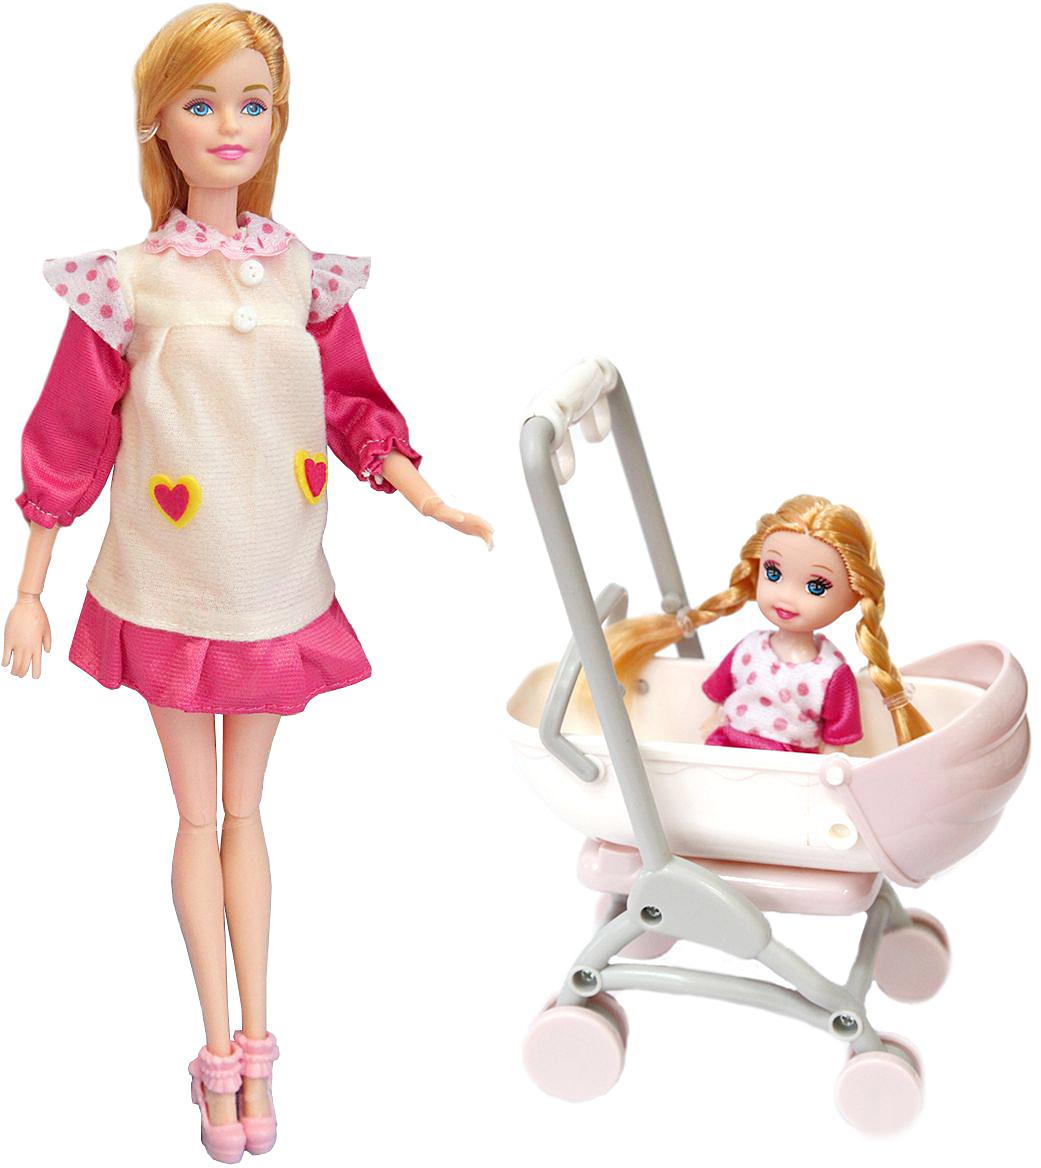 S+S Toys Игровой набор с куклой 1006281 s s toys игрушечный набор доктор